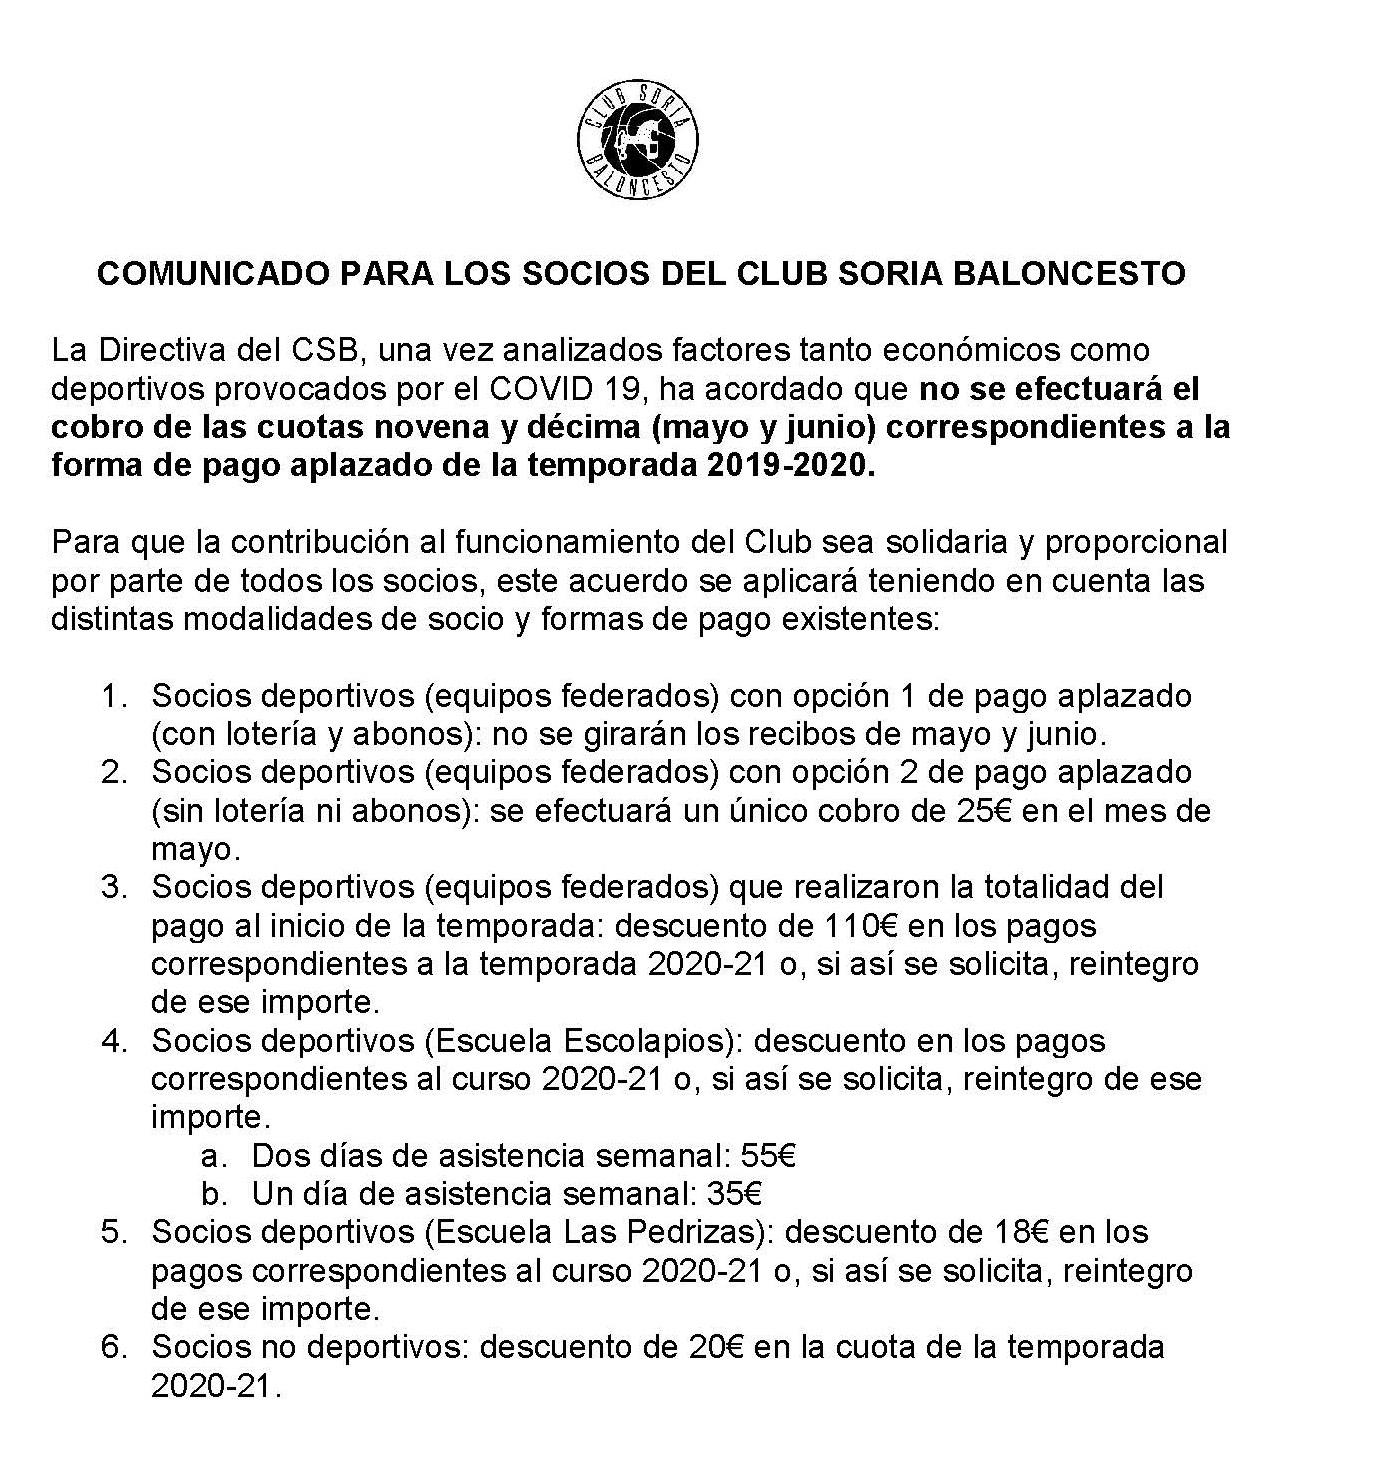 COMUNICADO PARA LOS SOCIOS DEL CLUB SORIA BALONCESTO